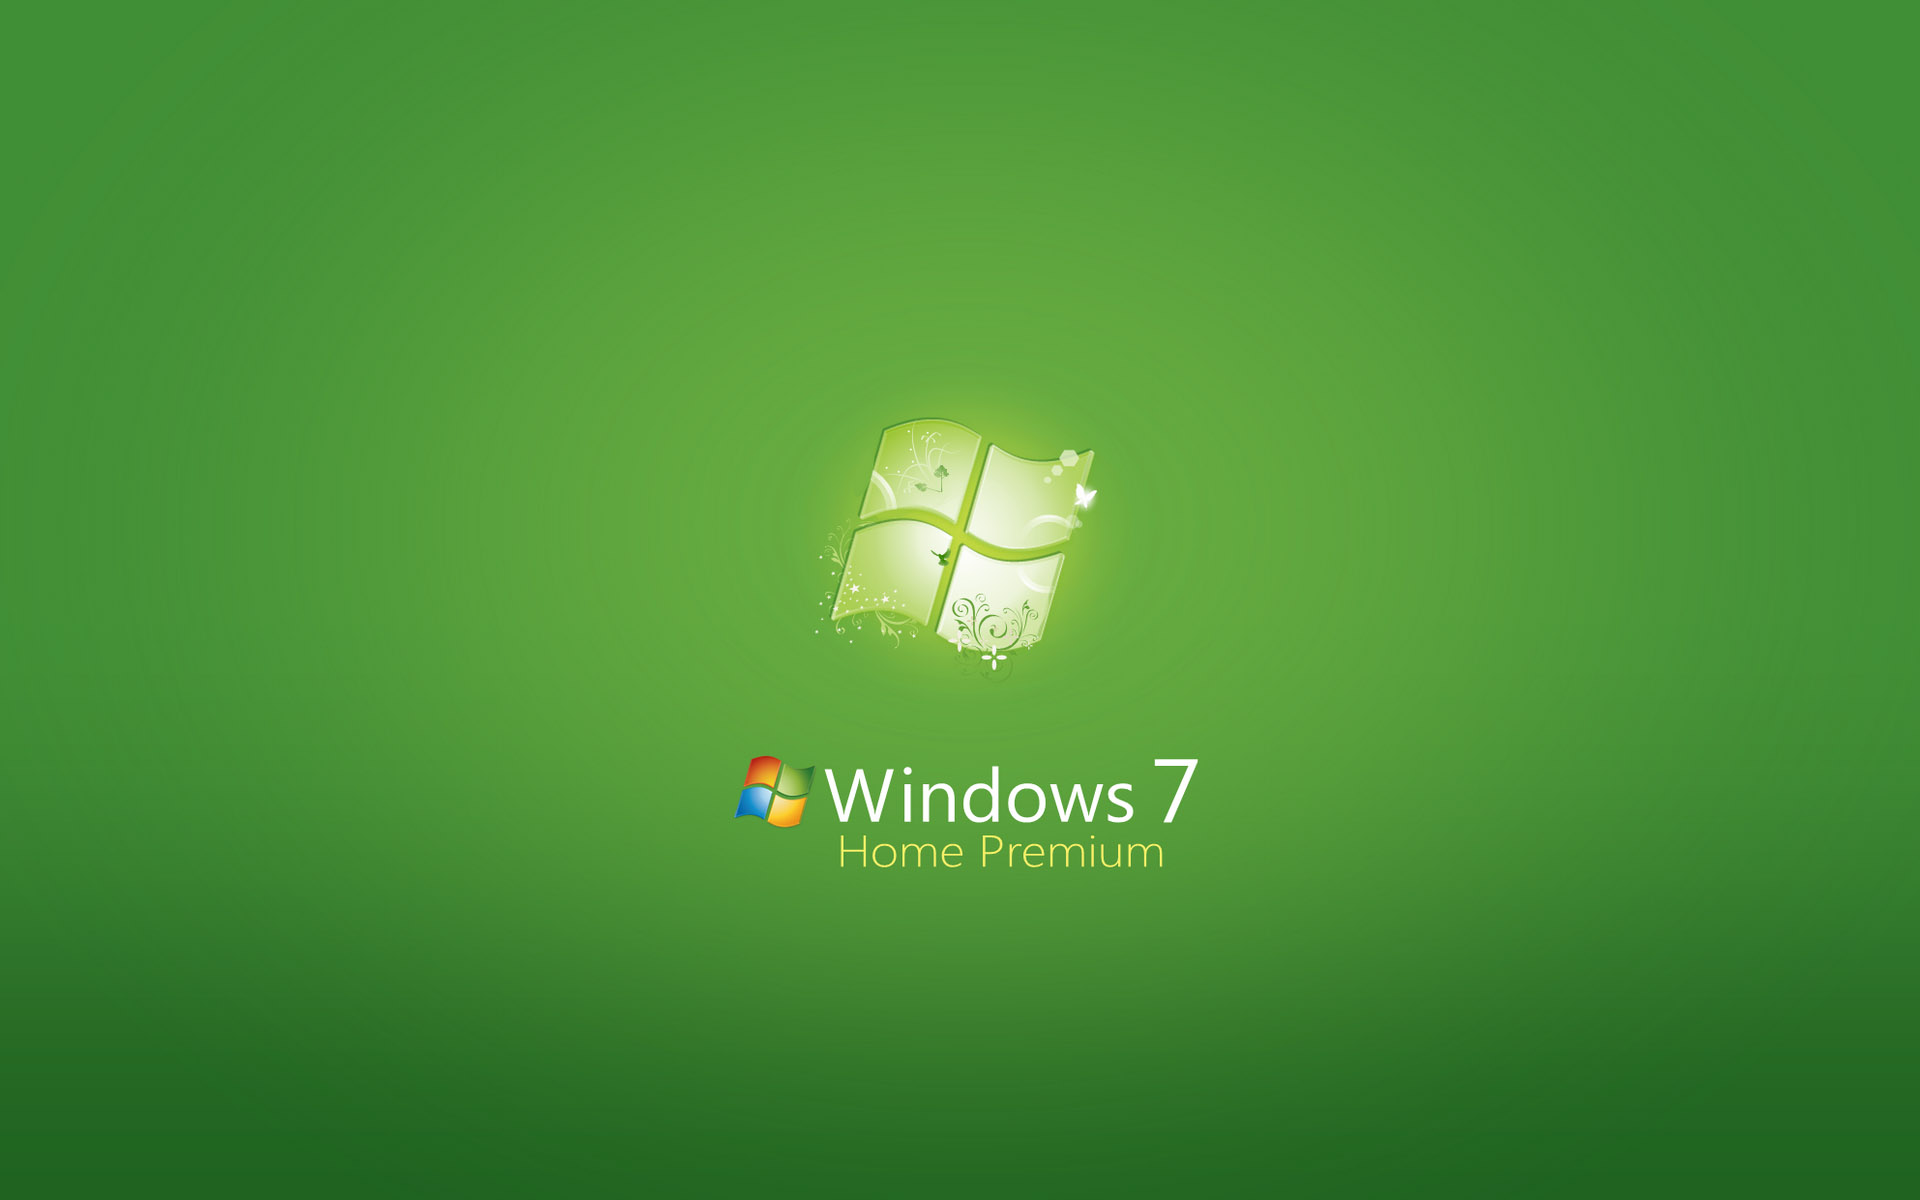 50张windows 7桌面壁纸